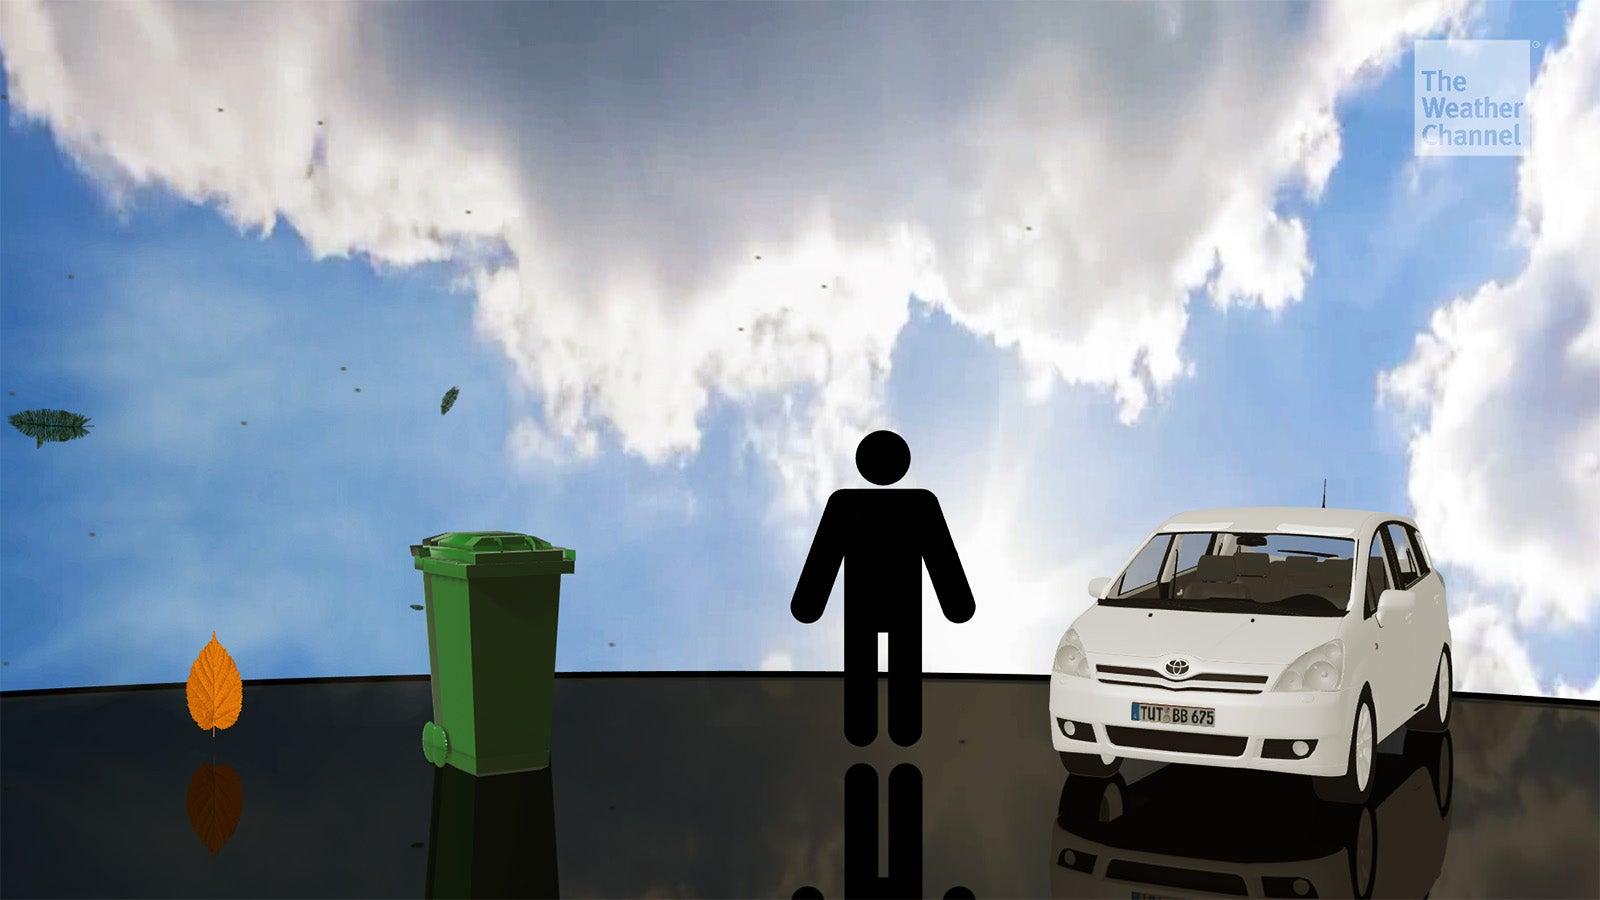 Ab welcher Windstärke Menschen und Autos weggeweht werden